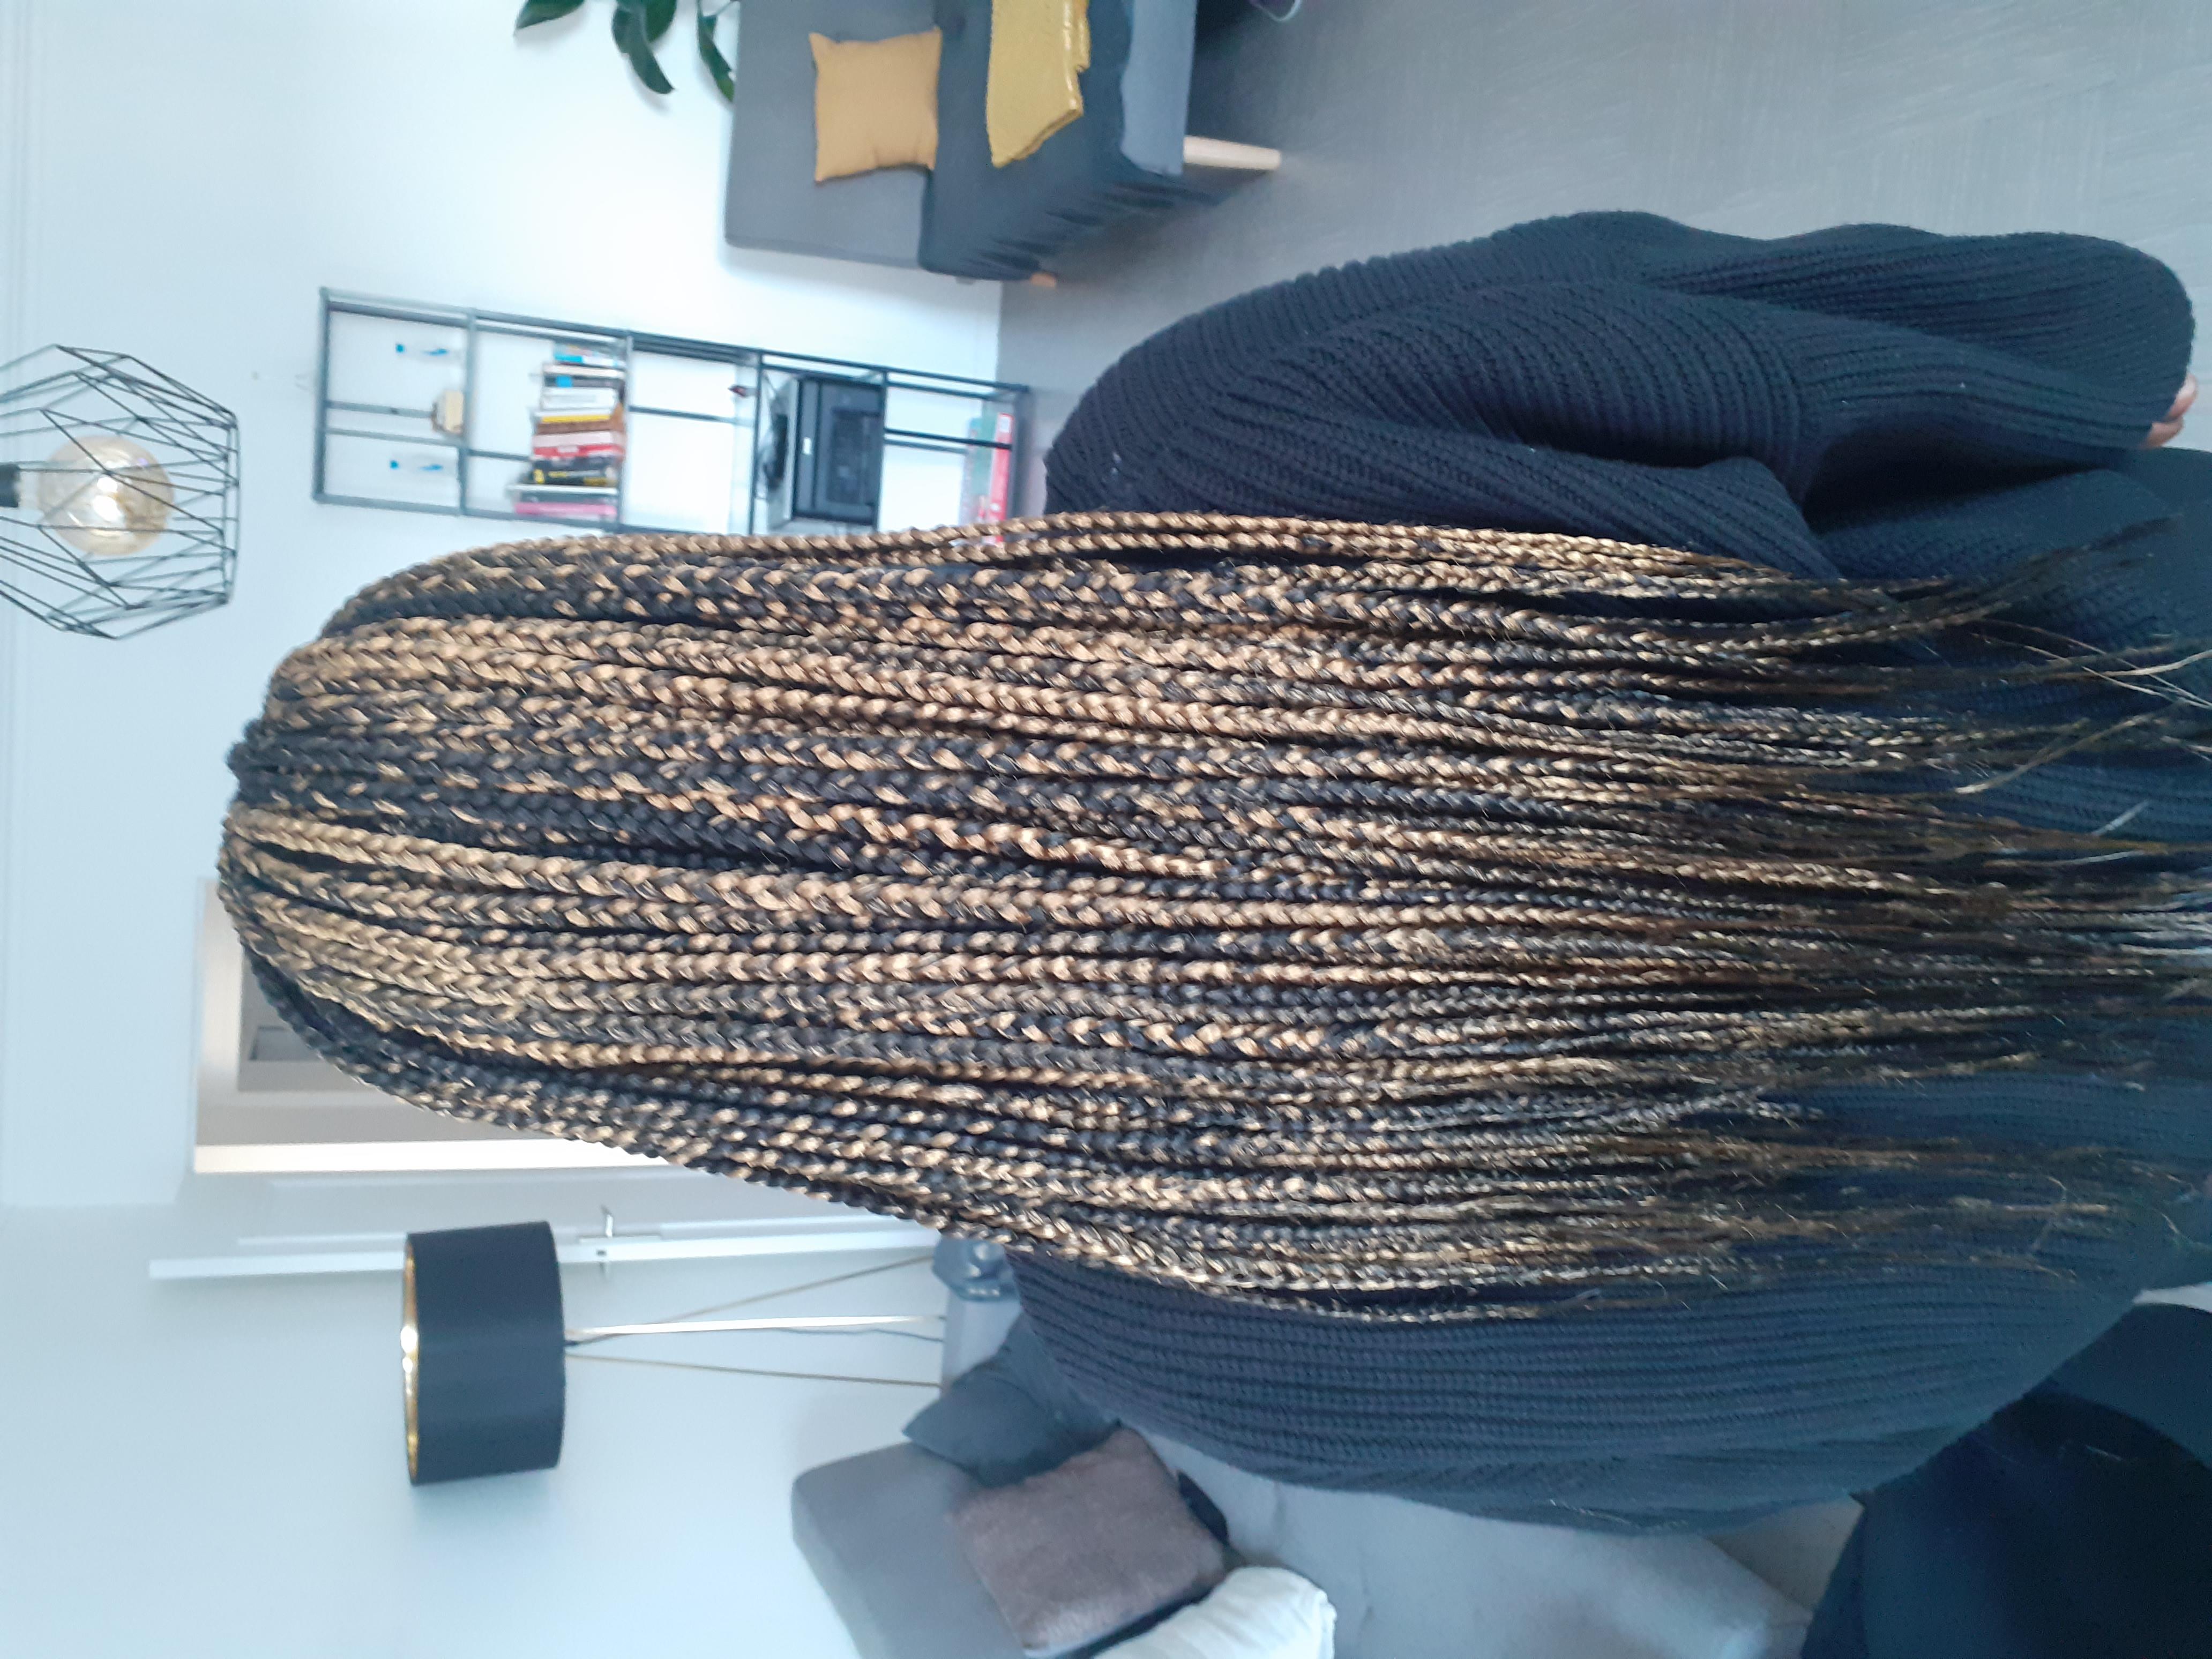 salon de coiffure afro tresse tresses box braids crochet braids vanilles tissages paris 75 77 78 91 92 93 94 95 LCEYSQRA